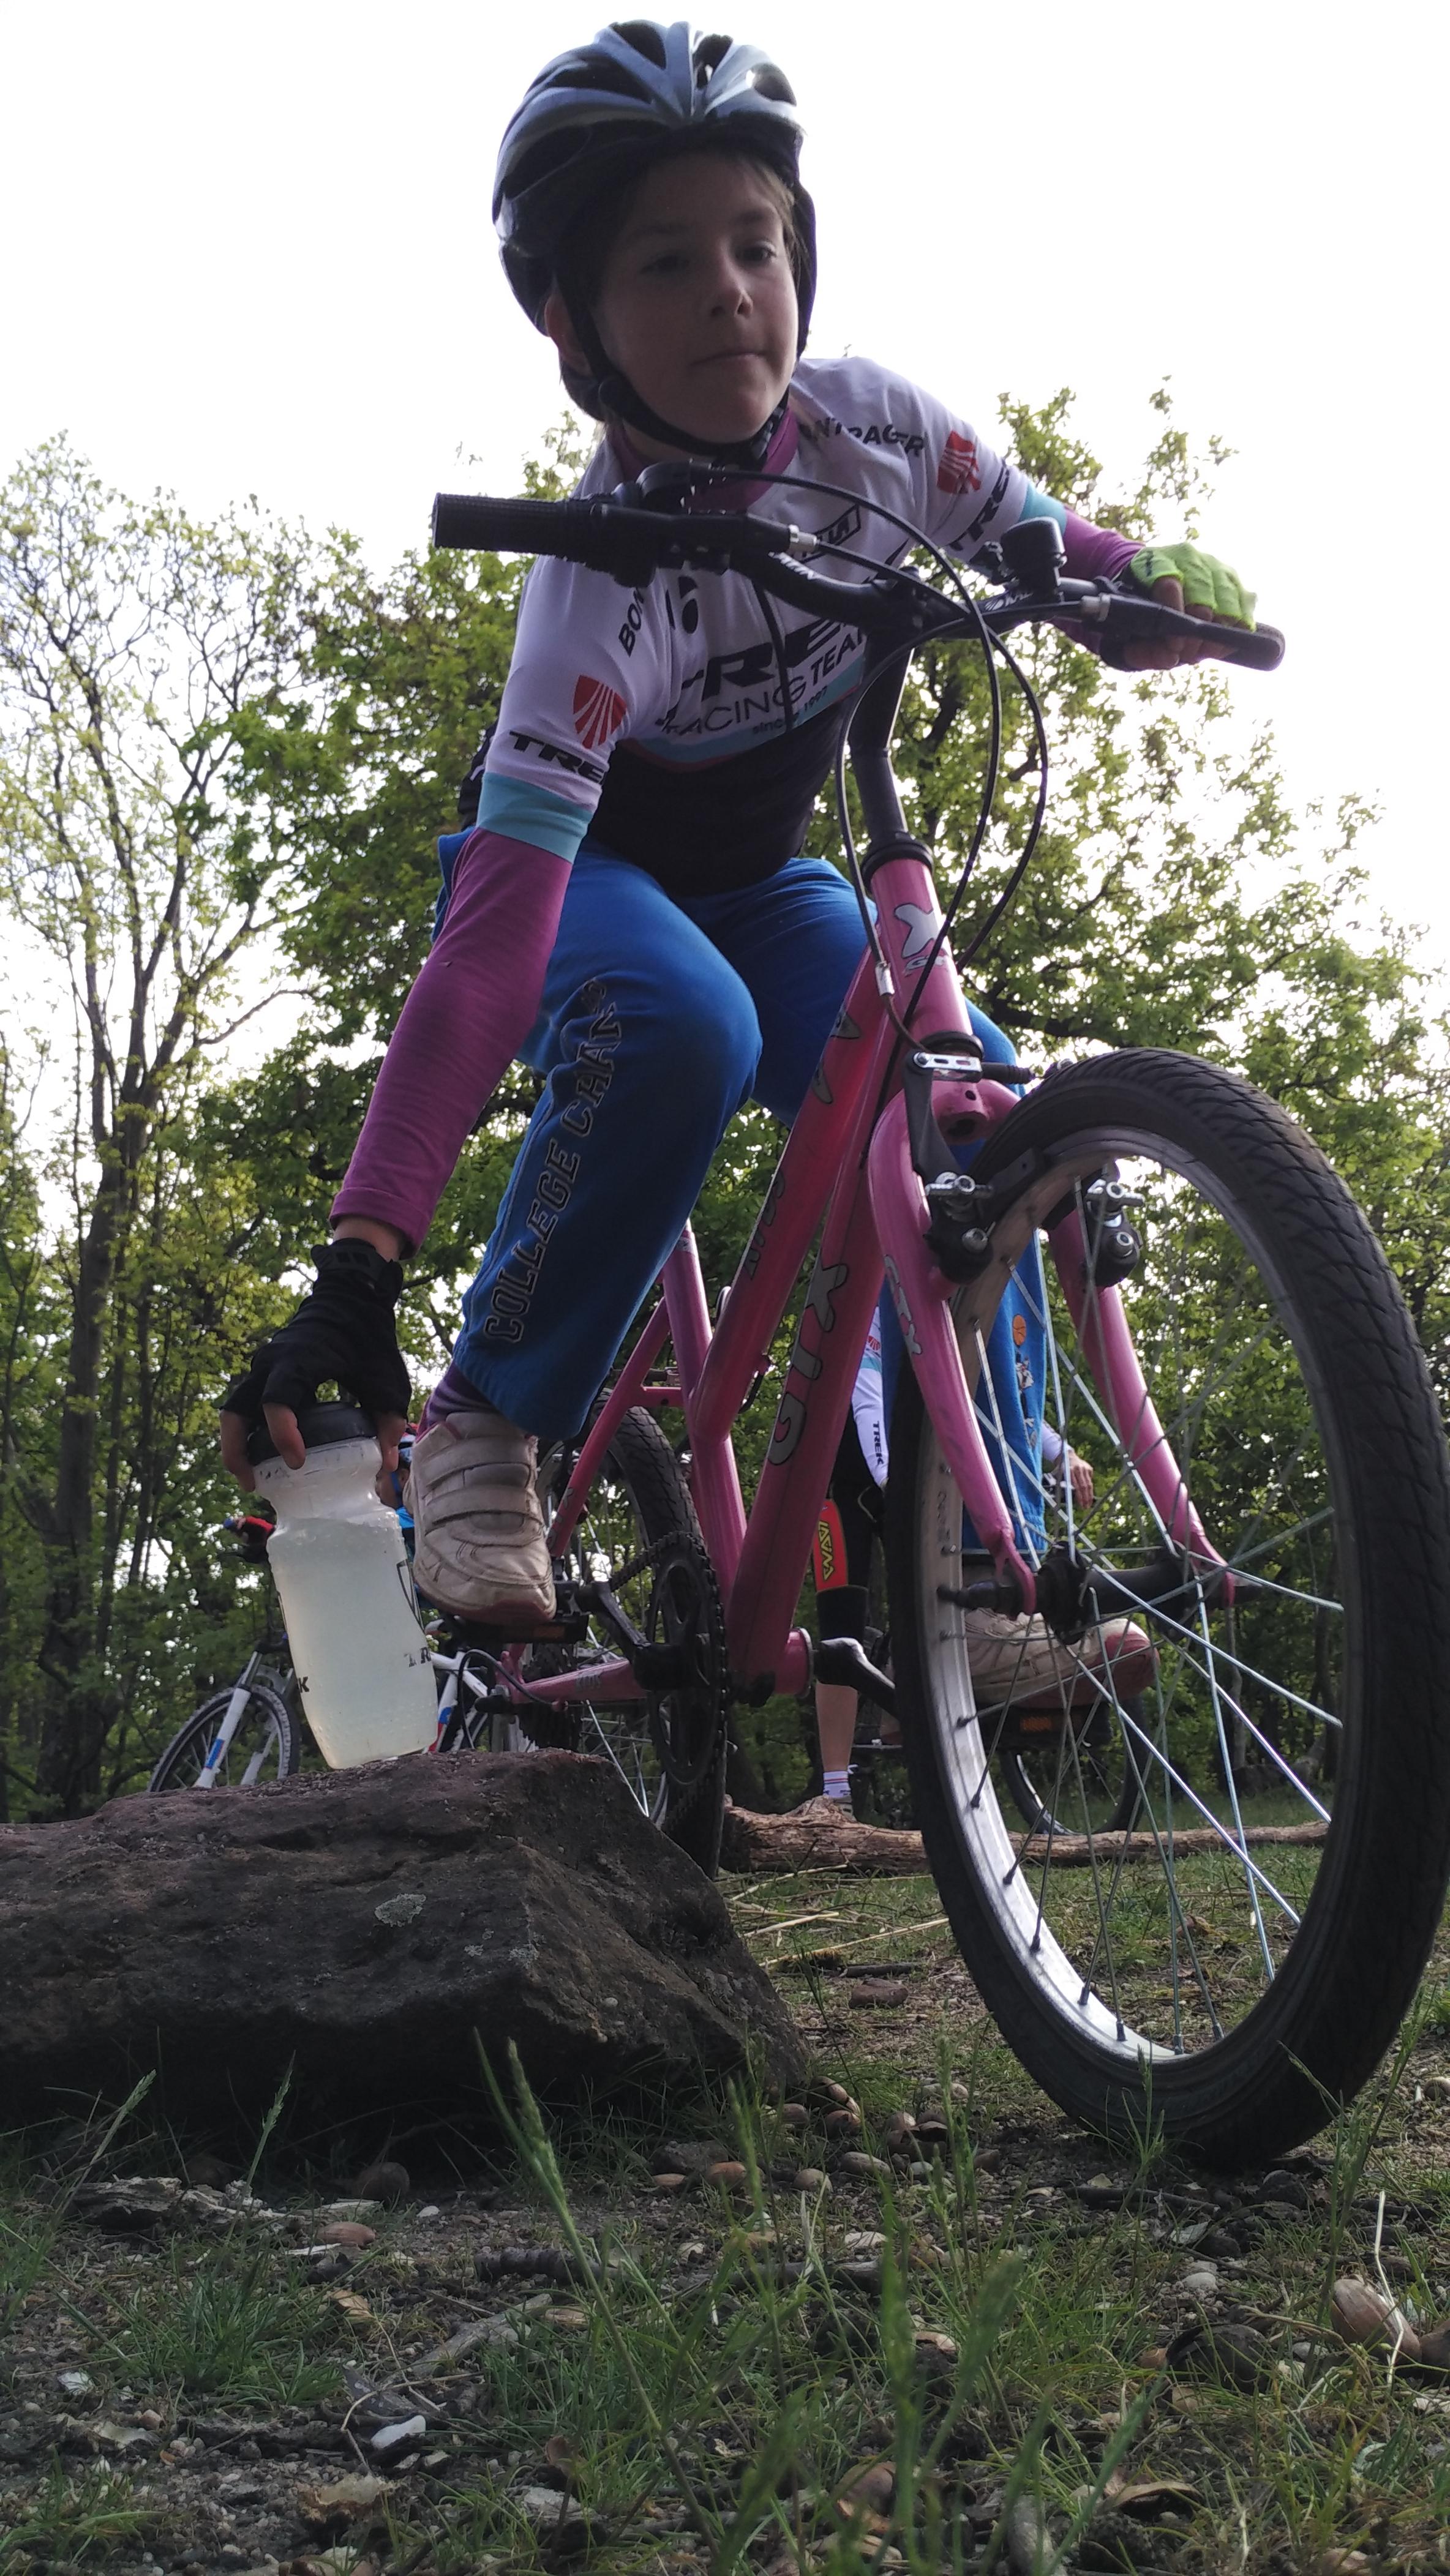 TREK Kerékpáros Gyermektábor a Börzsönyben